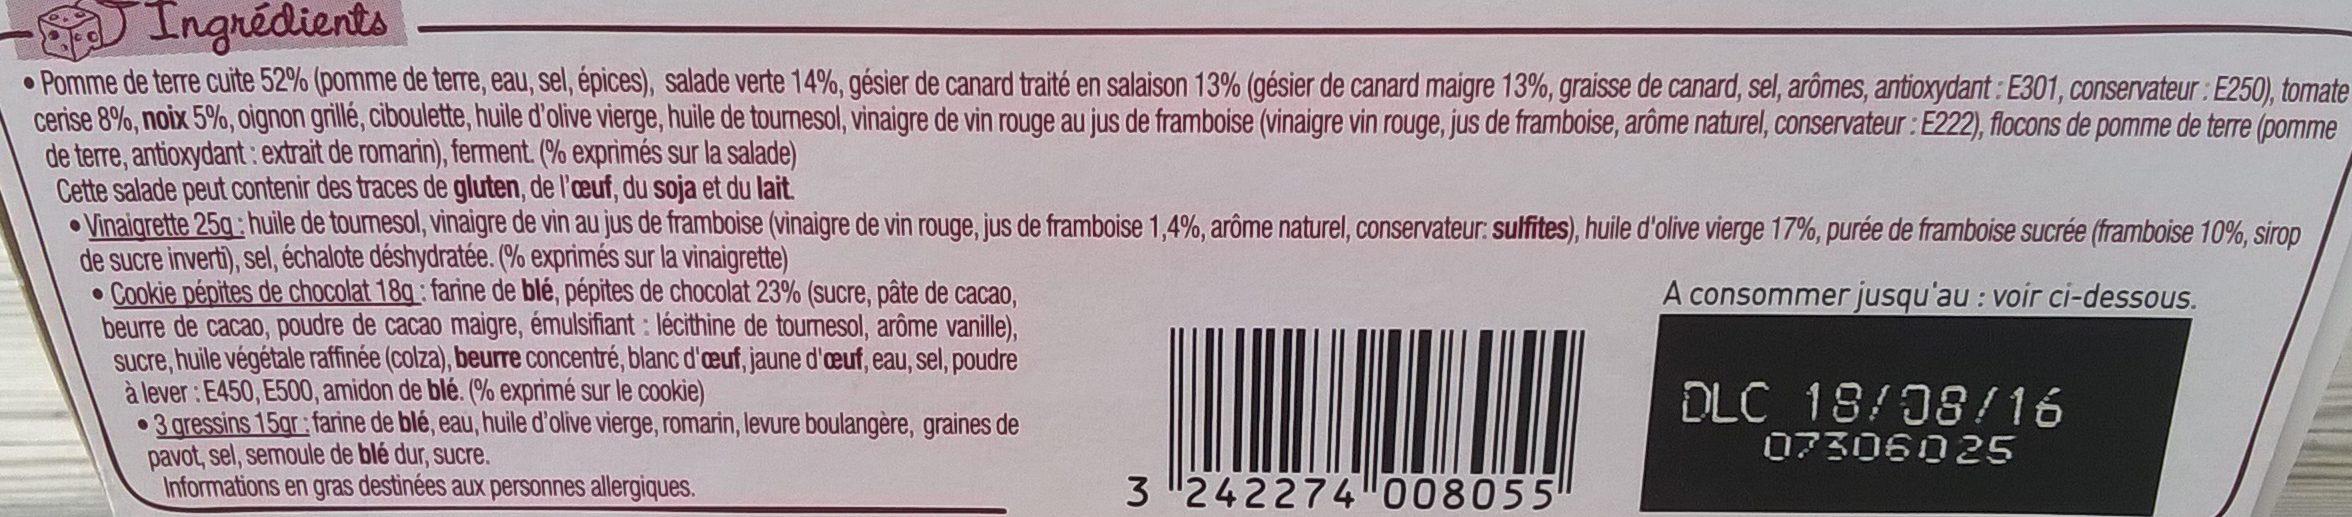 Salade & Compagnie Bergerac : Pommes de terre, Salade, Gésiers de Canard, Tomate et Noix - Ingrédients - fr